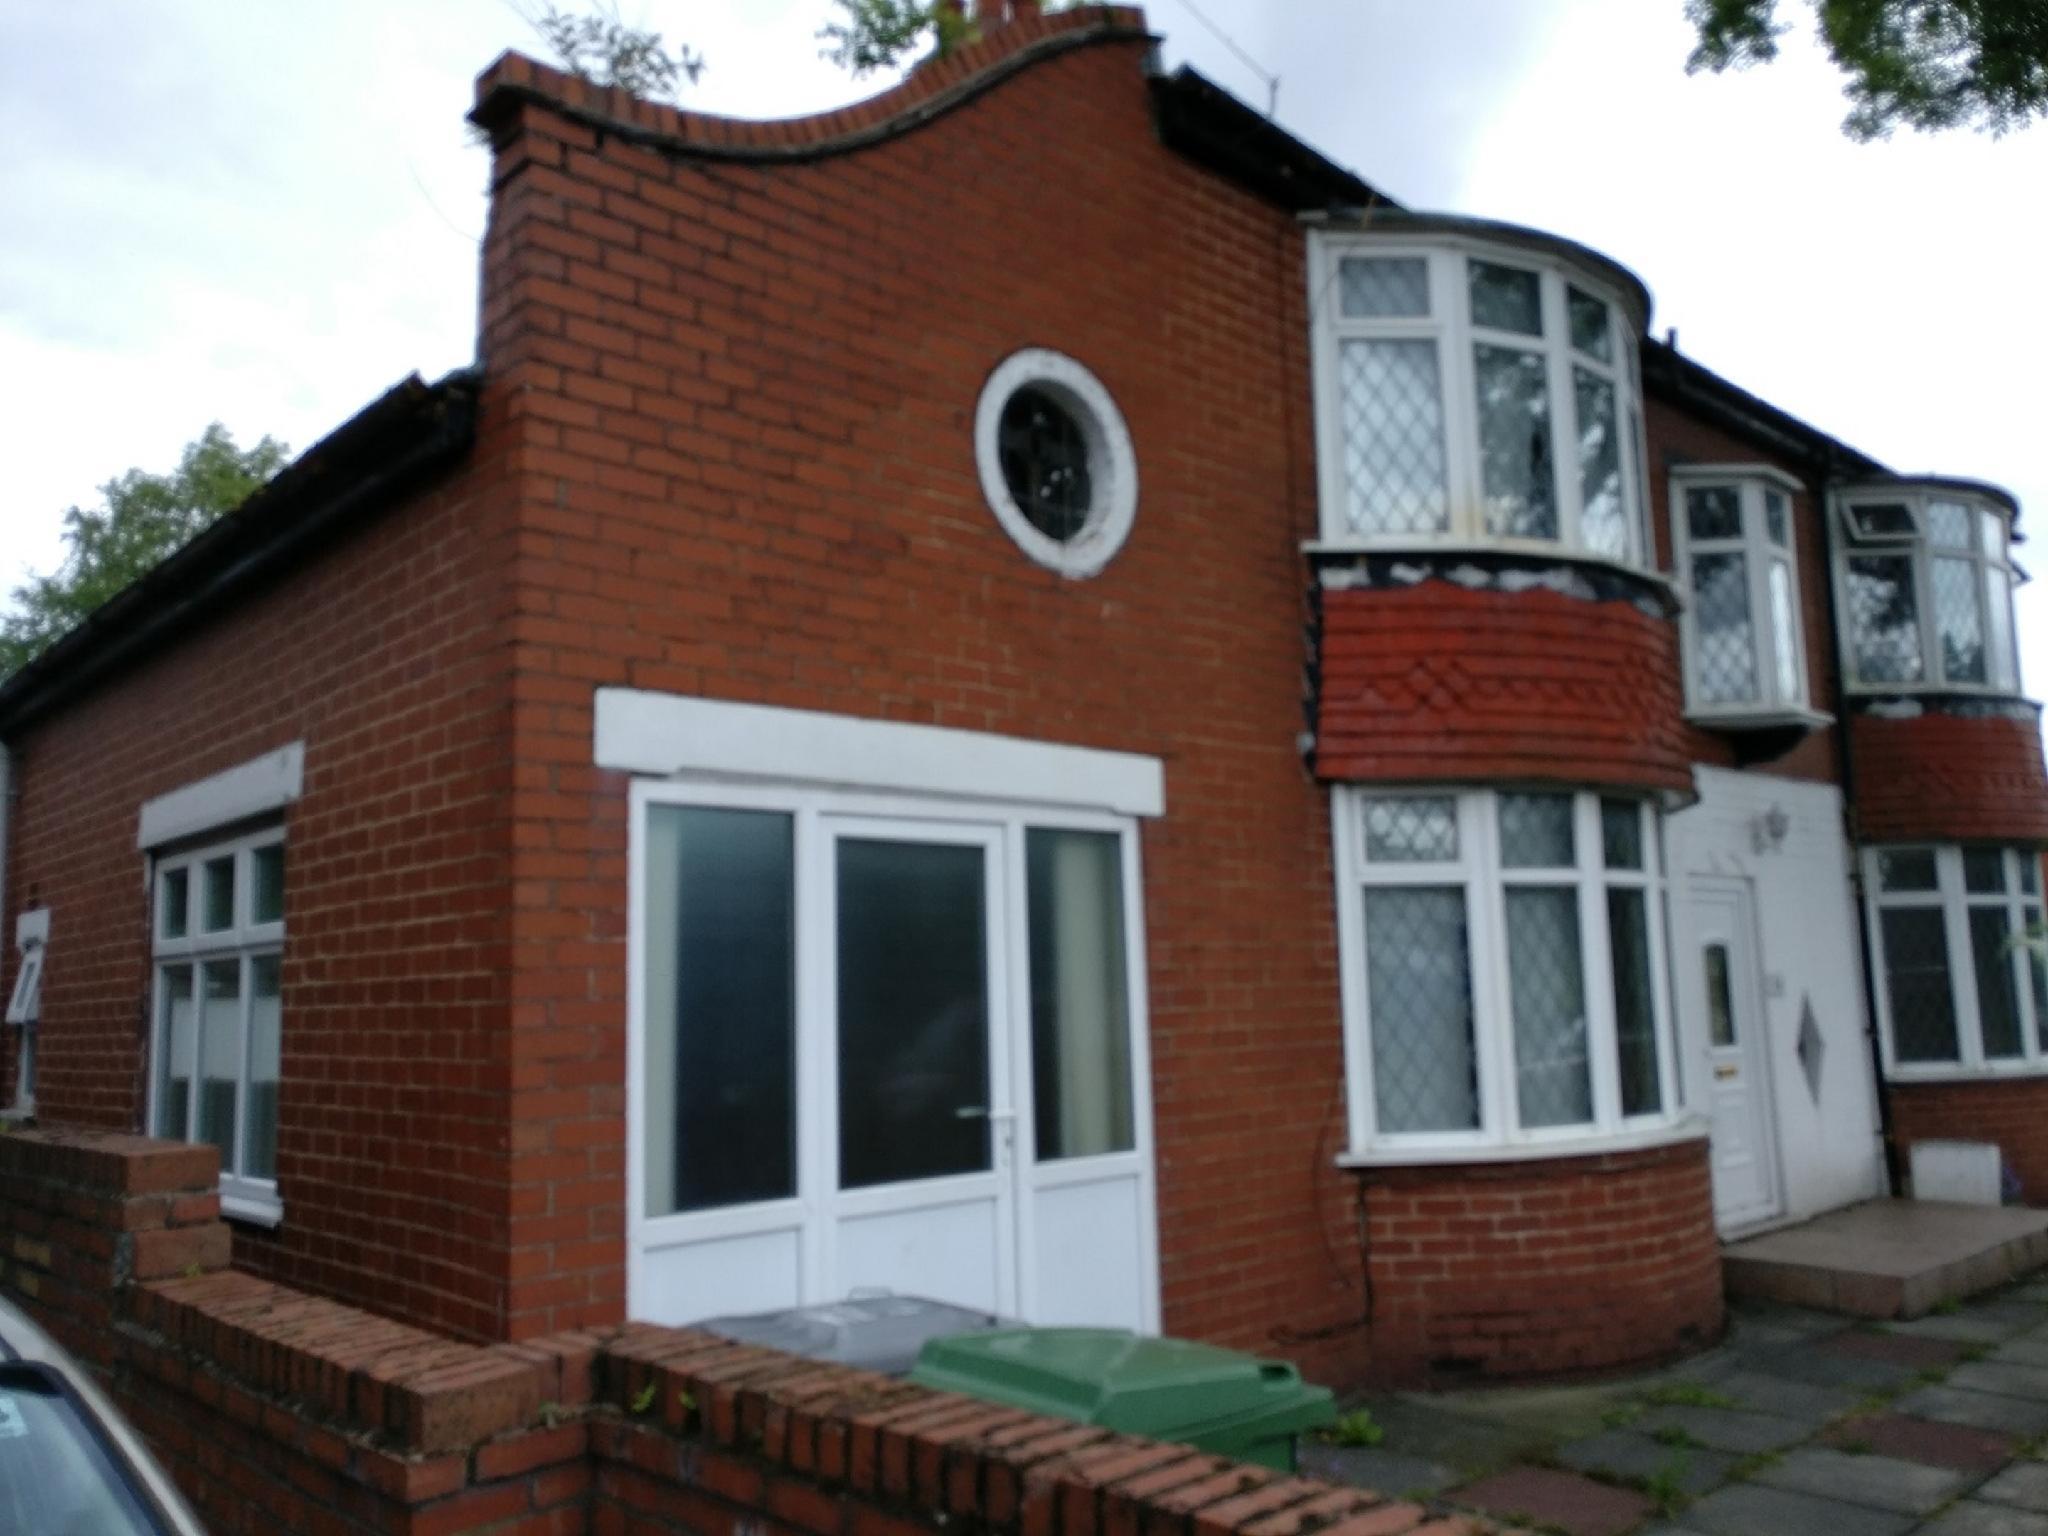 Old Trafford Guest House, Trafford